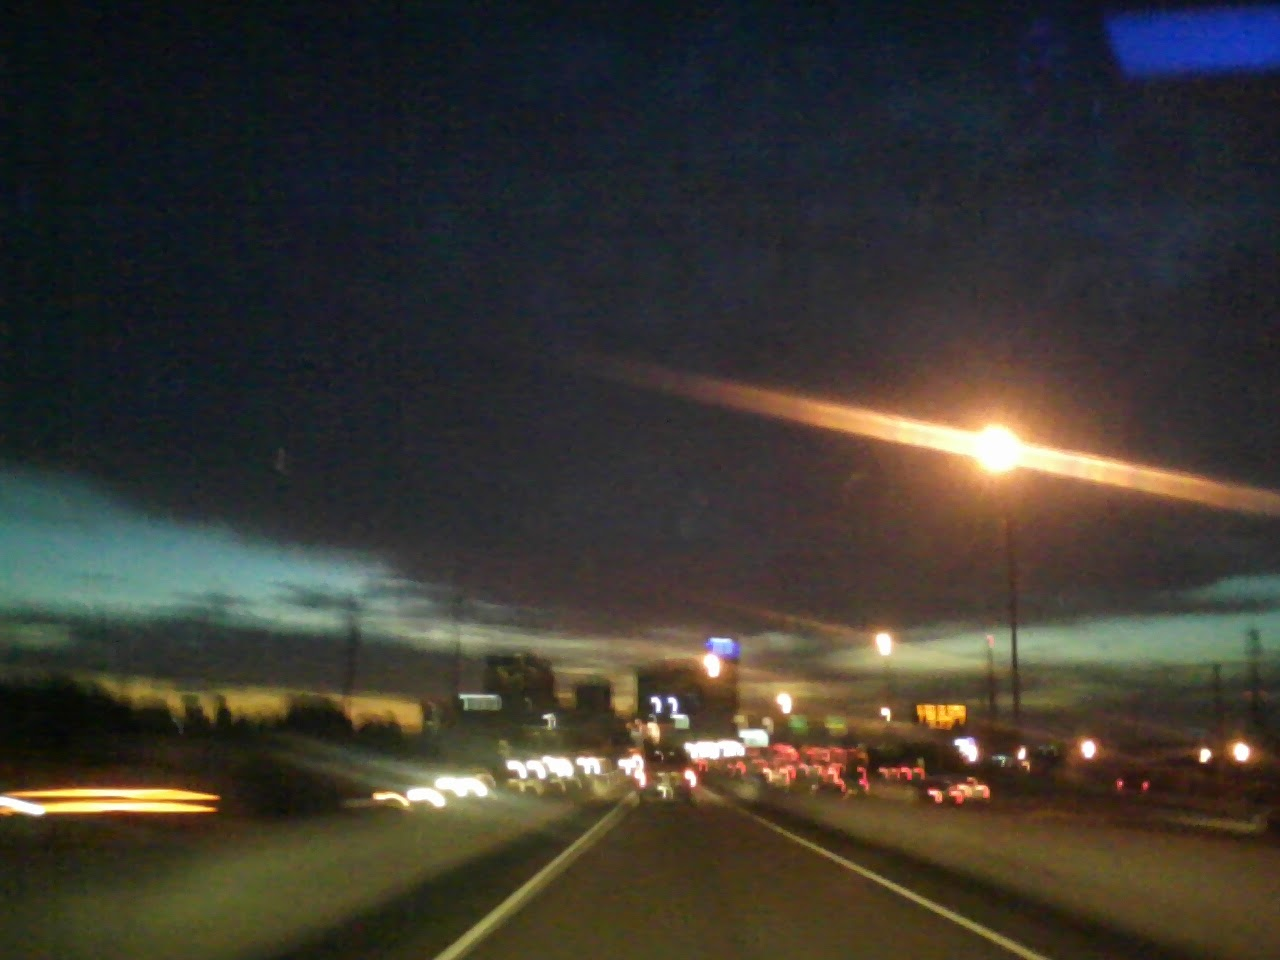 Sky - 0924064321.jpg